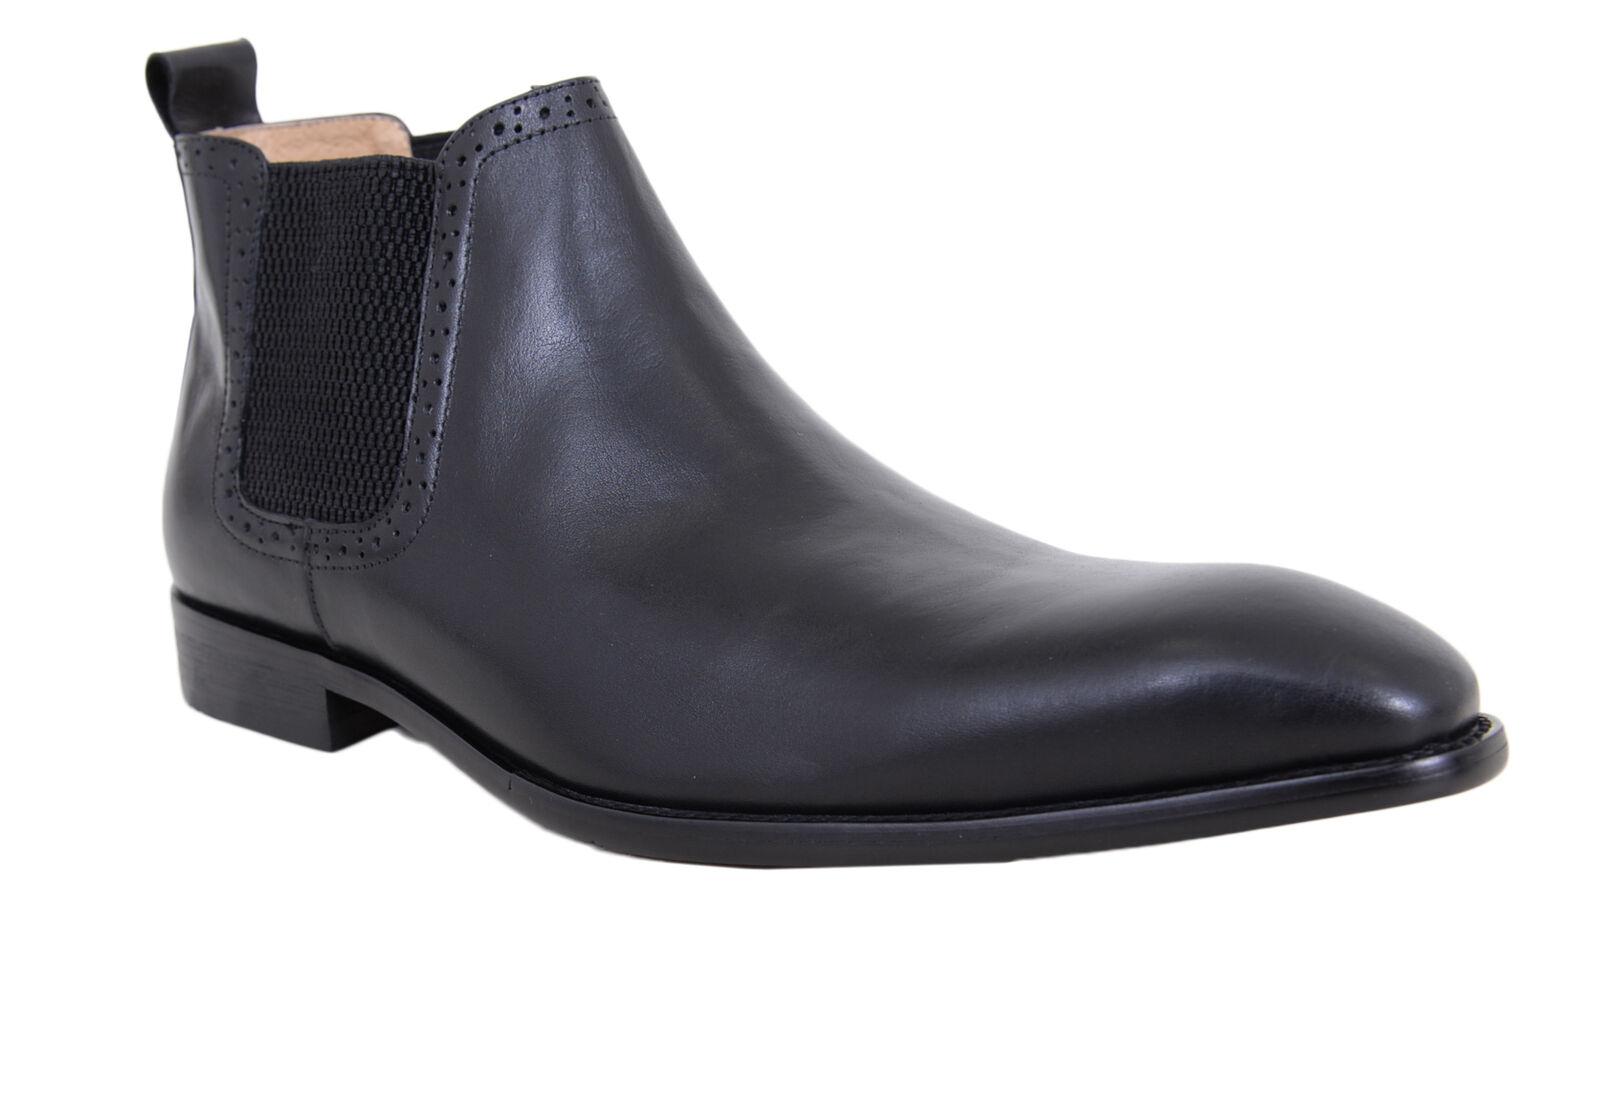 autorucci Nero Slip On pelle Chelsea tuttia Caviglia Stivali Vestito Sautope classeiche da uomo